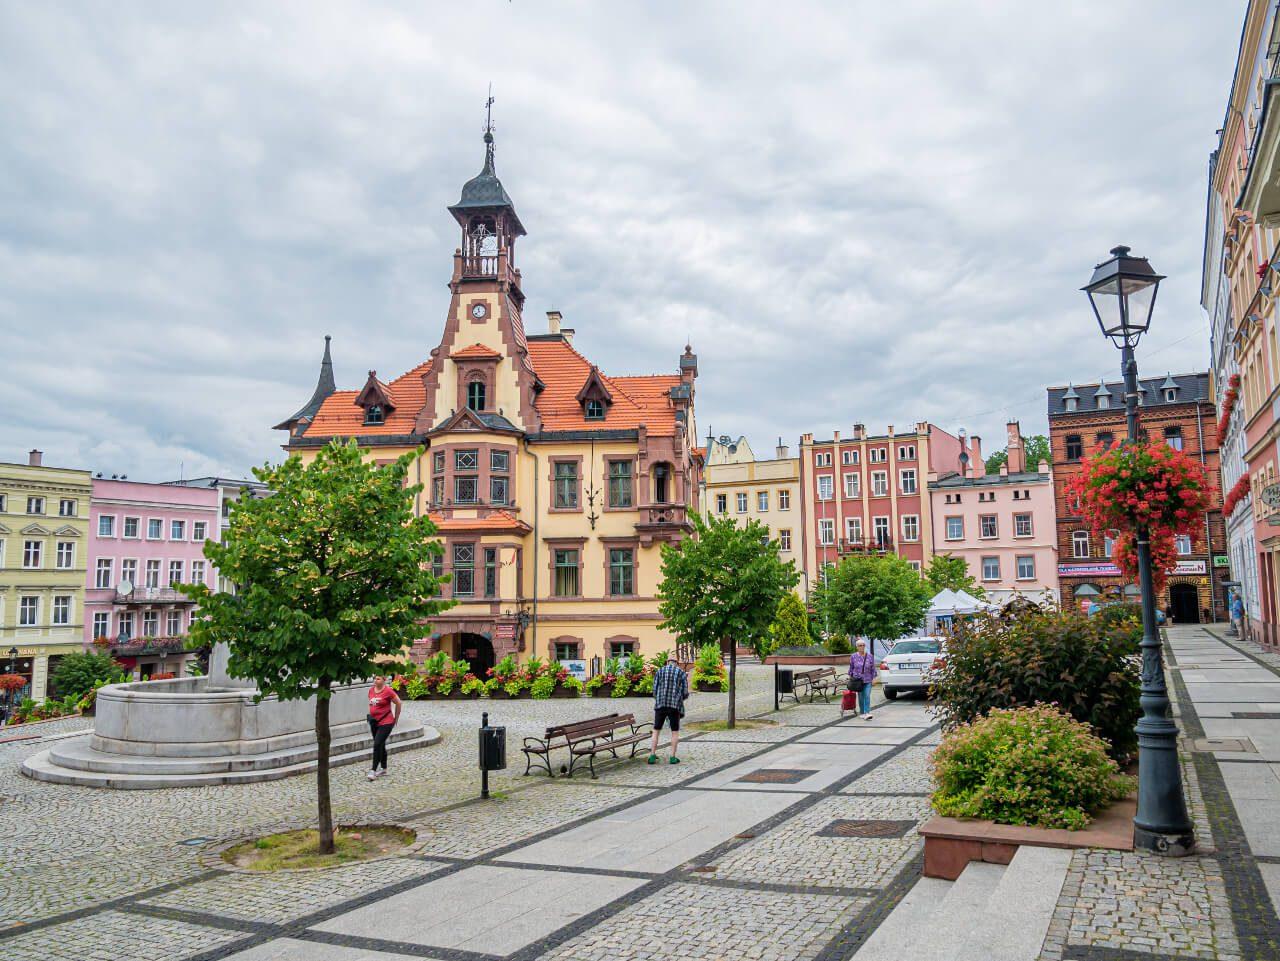 Ratusz Rynek Nowa Ruda2 kolorowe kamienice stare budynki ciekawe miejsca na Dolnym Śląsku